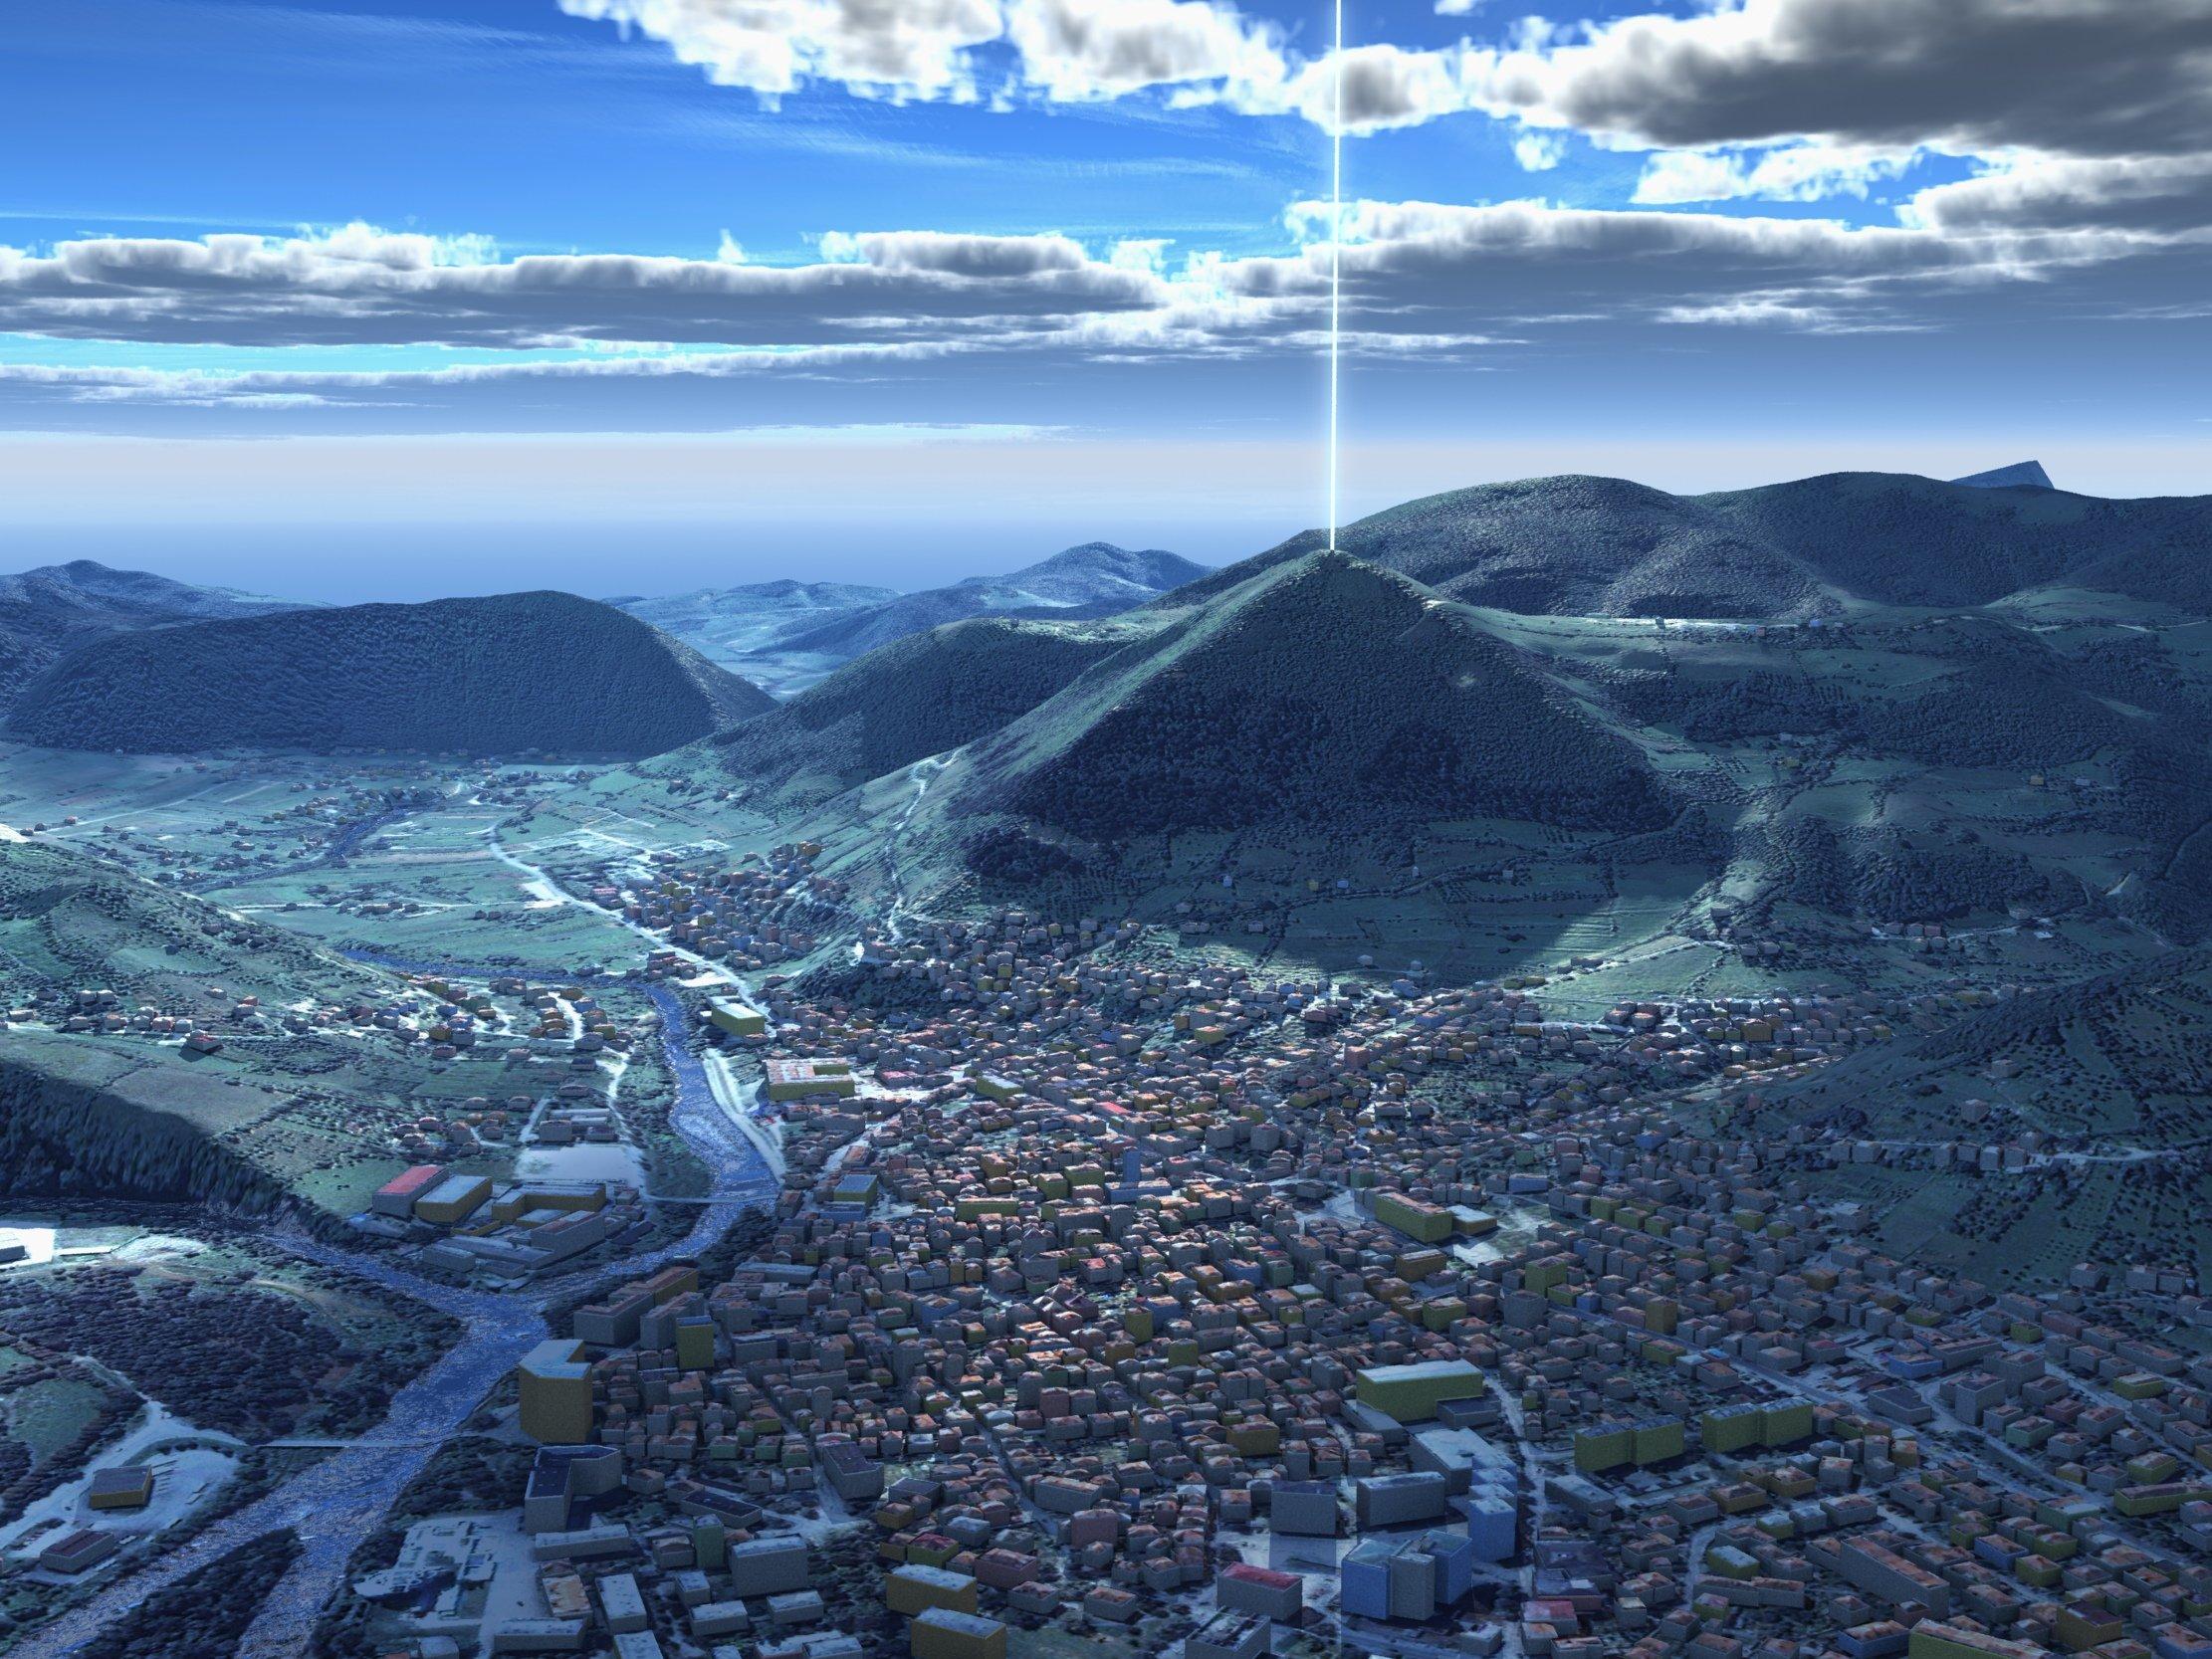 Bosanske piramide Sunca i Mjeseca, mit ili činjenica?